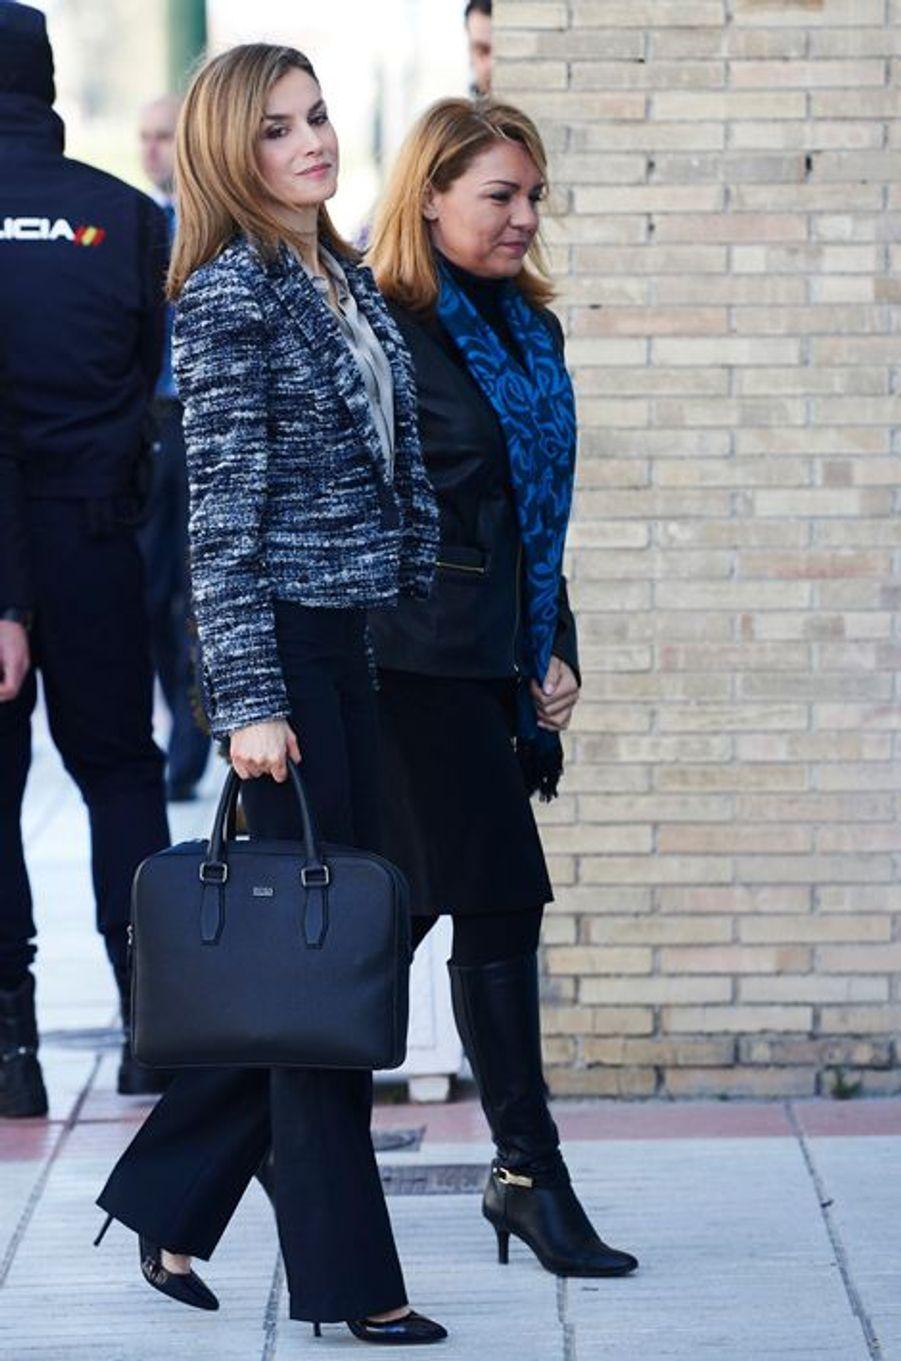 La reine Letizia d'Espagne, avec la secrétaire d'Etat Susana Camarero, arrive au comité espagnol de l'Unicef à Madrid, le 16 mars 2015